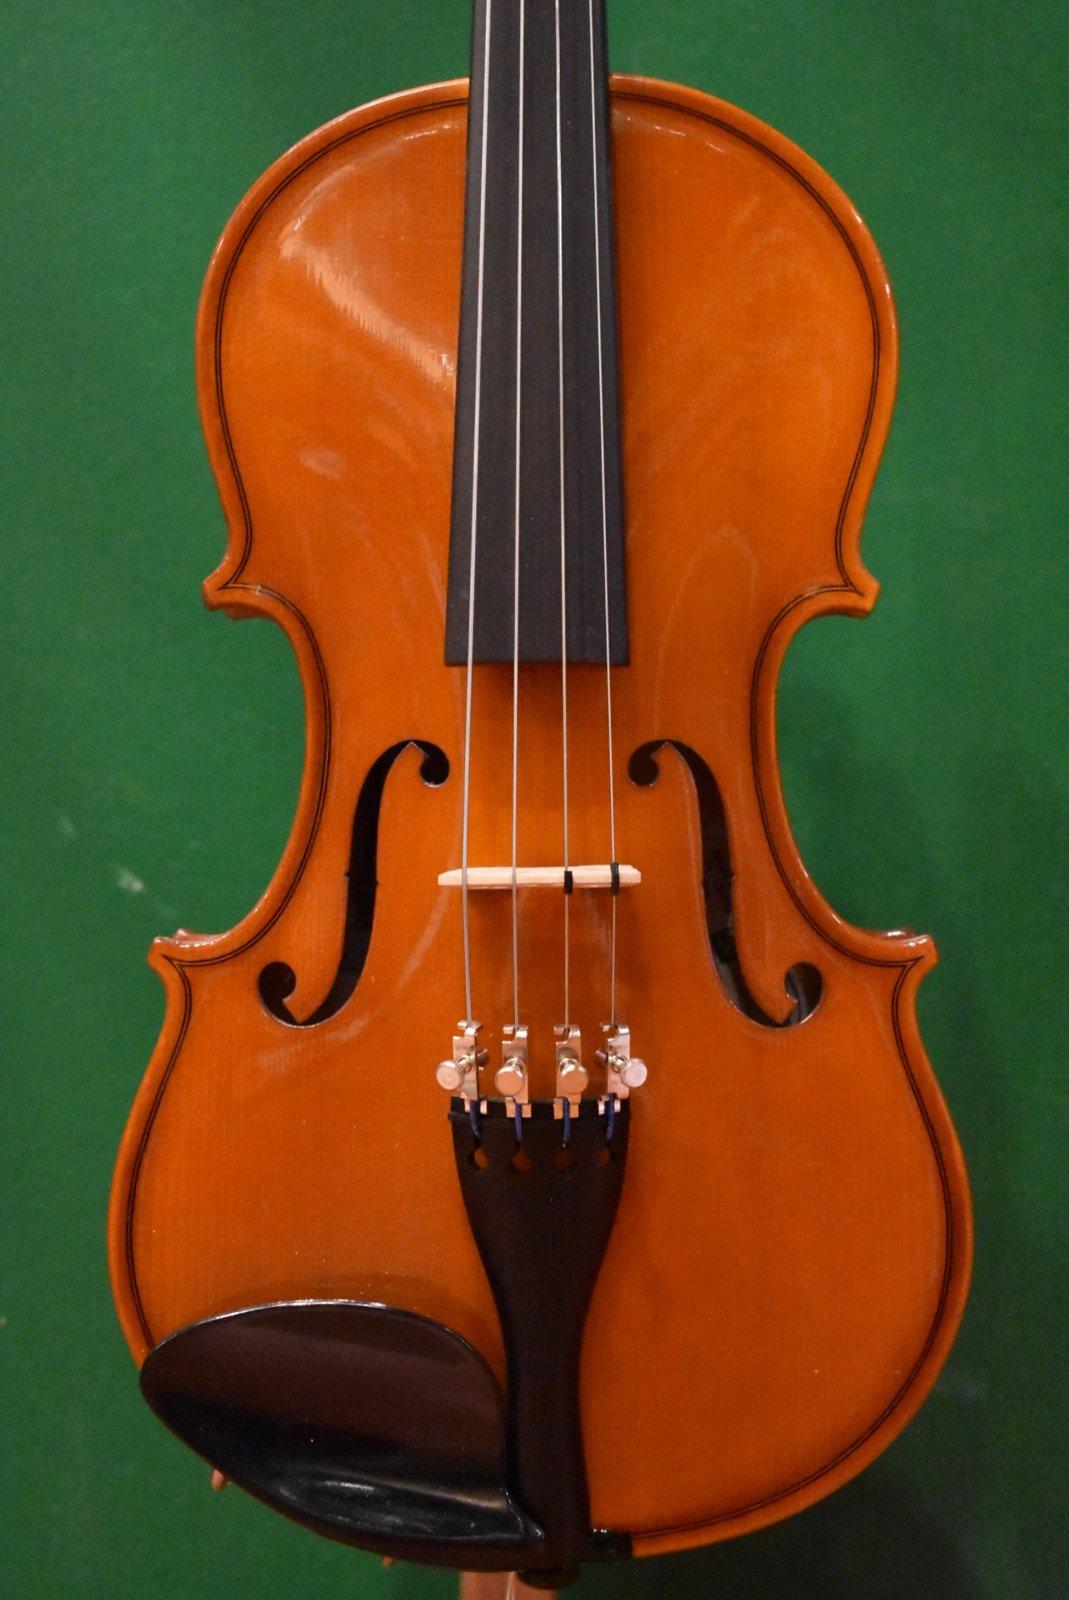 Glaesel VA29E7  12 Viola Outfit